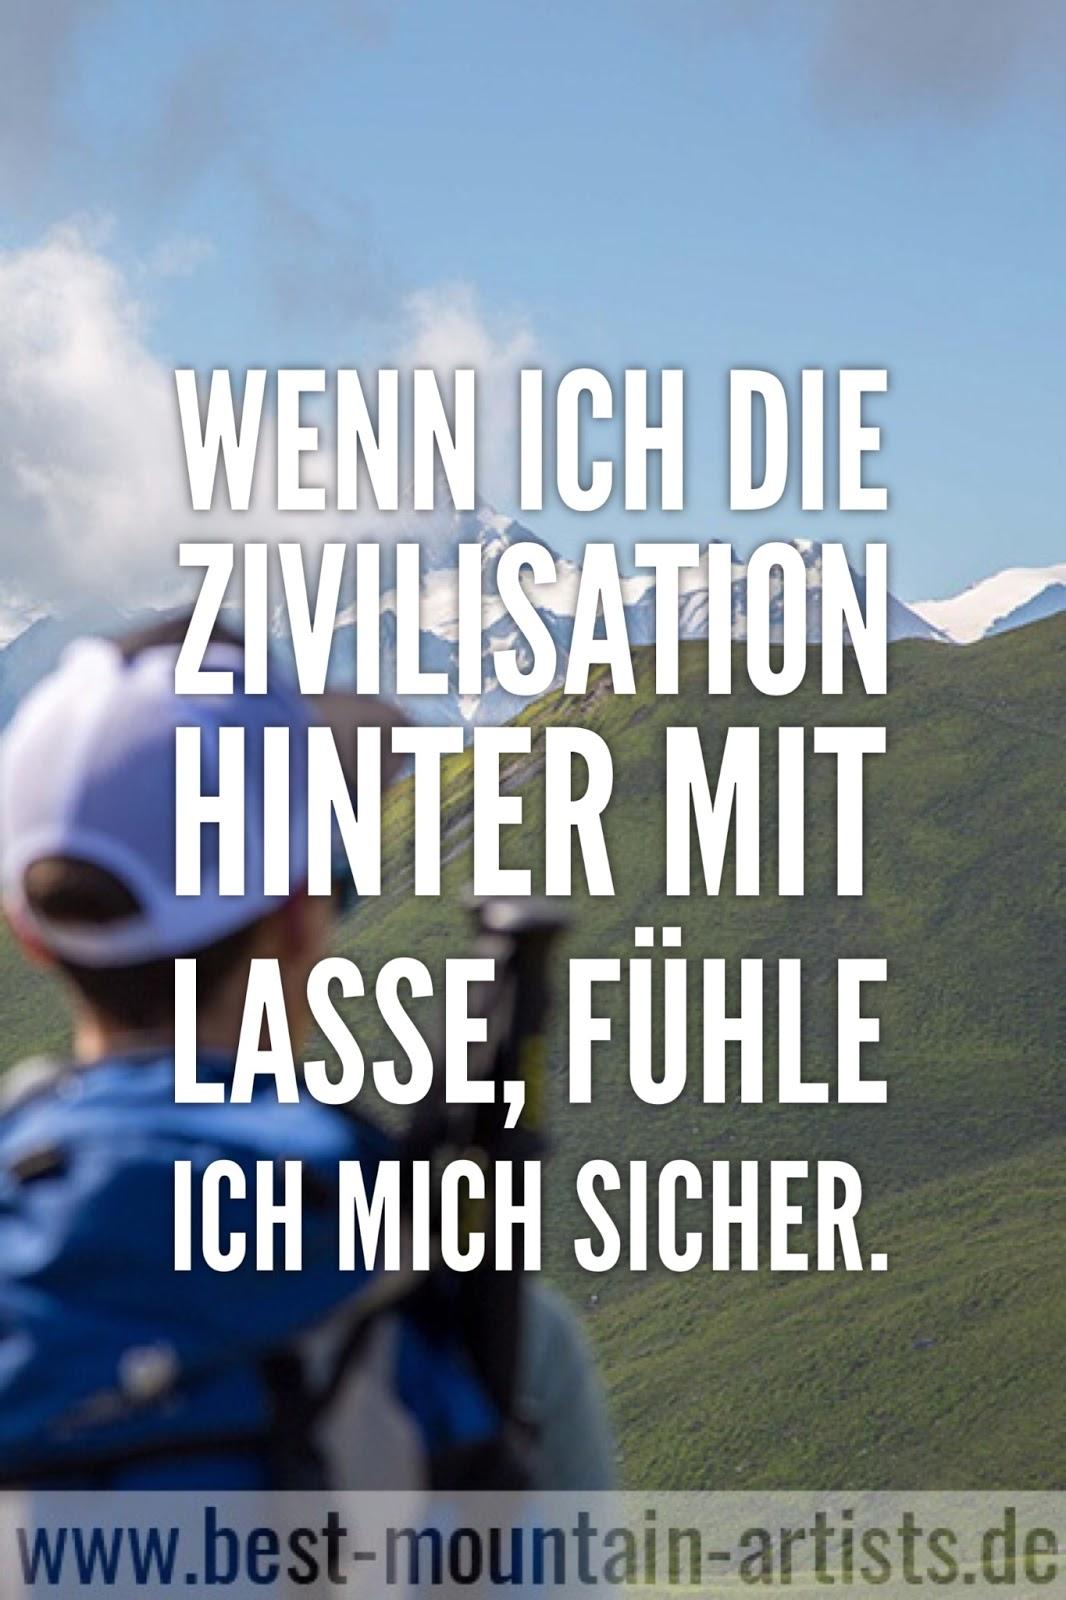 """""""Wenn ich die Zivilisation hinter mit lasse, fühle ich mich sicher."""", Heinrich Harrer"""